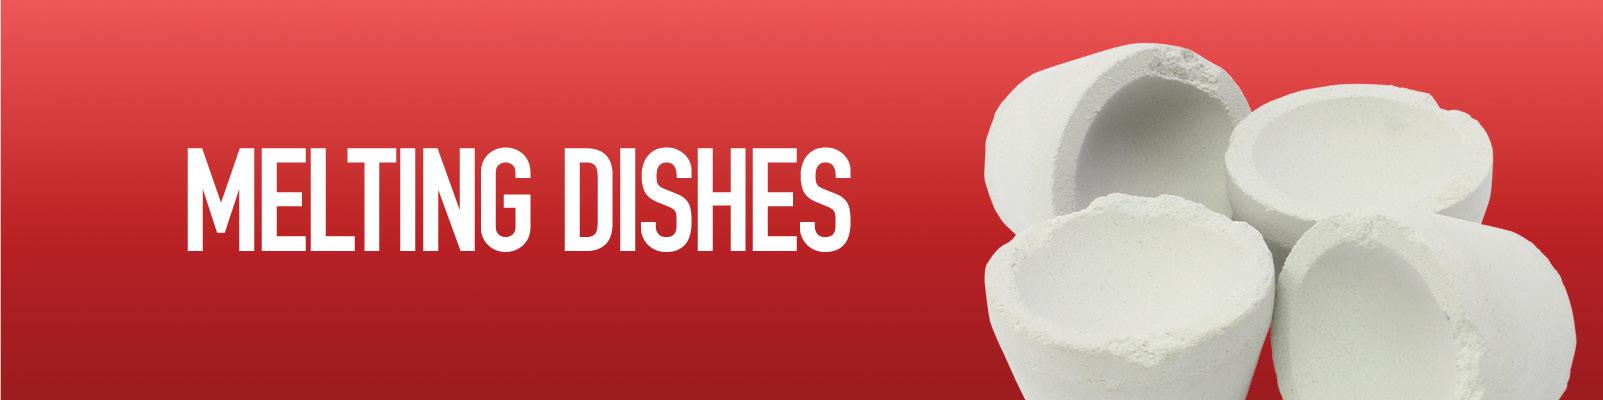 Melting Dishes